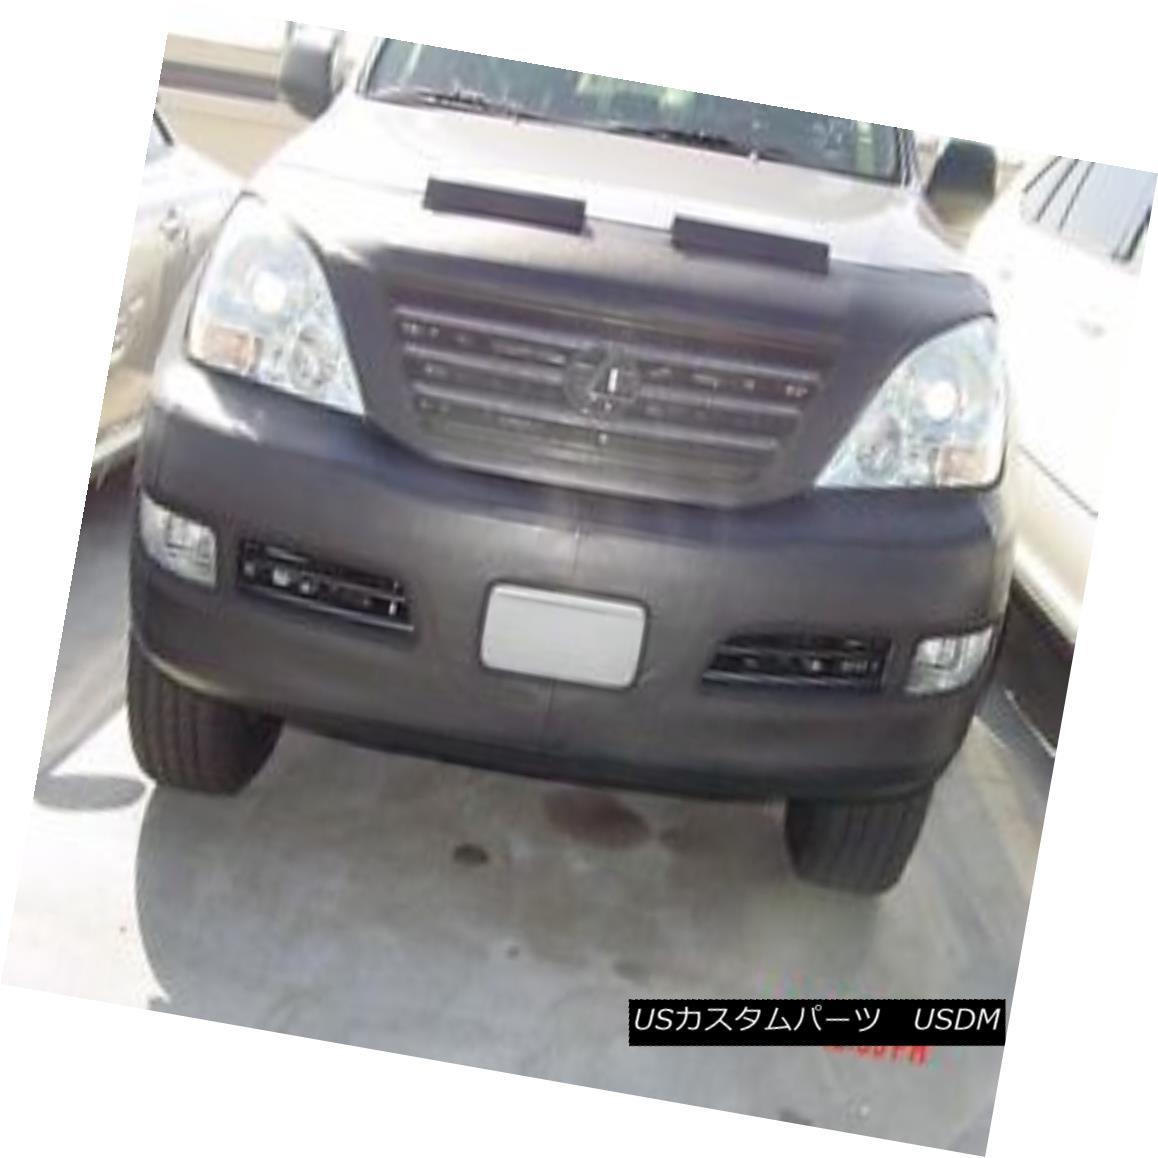 フルブラ ノーズブラ Colgan Front End Mask Bra 2pc. Fits Lexus GX470 2003-2009 W/O Lic.Plate コルガンフロントエンドマスクブラ2pc Lexus GX470 2003-2009 W / O Lic.Plateに適合